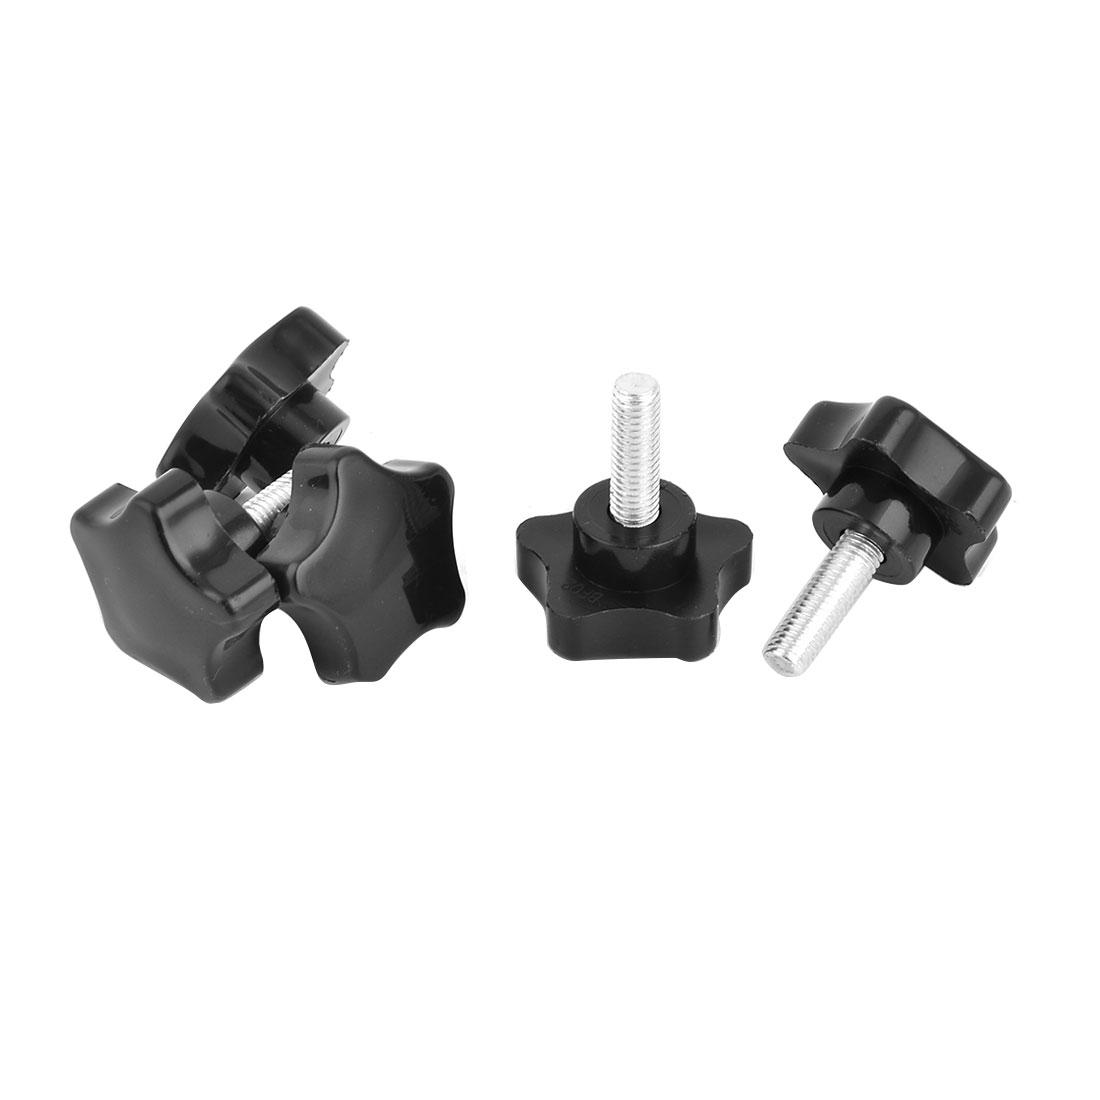 Home Star Design Furniture Adjustable Nonslip Levelling Glide Foot Black 5 Pcs